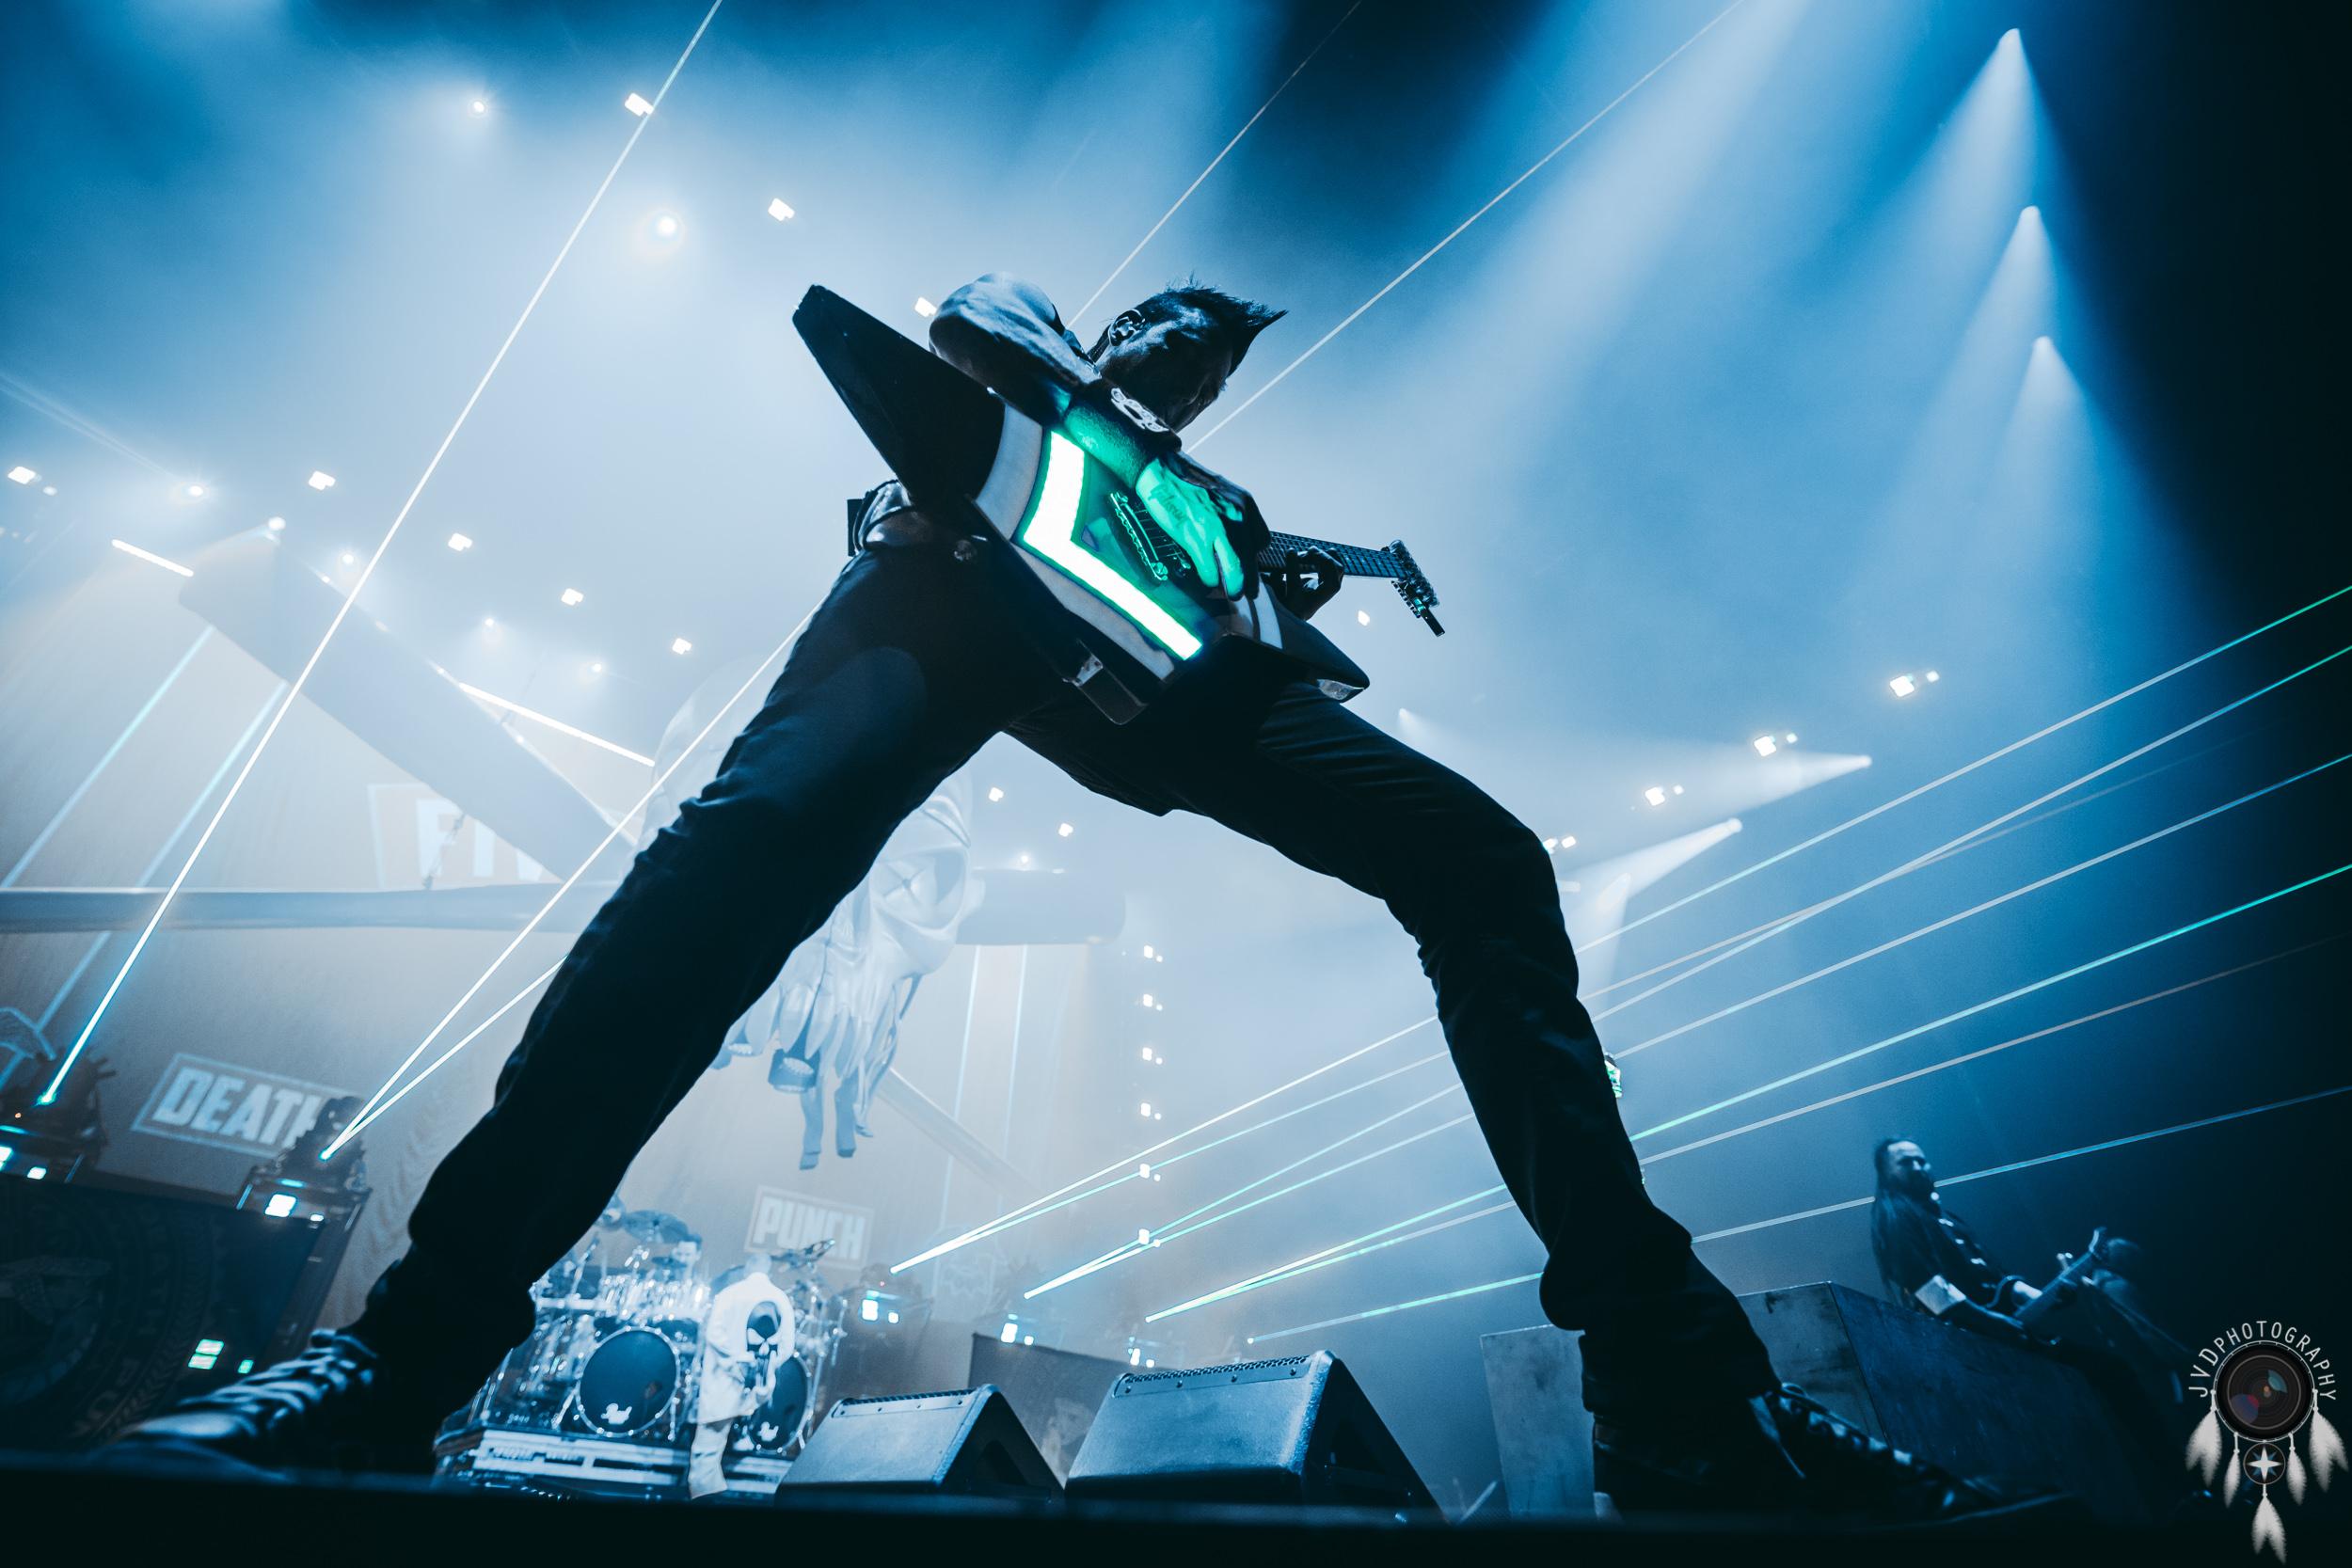 Five_Finger_Death_punch_Afas_Live_Amsterdam_JVDPhotography-10